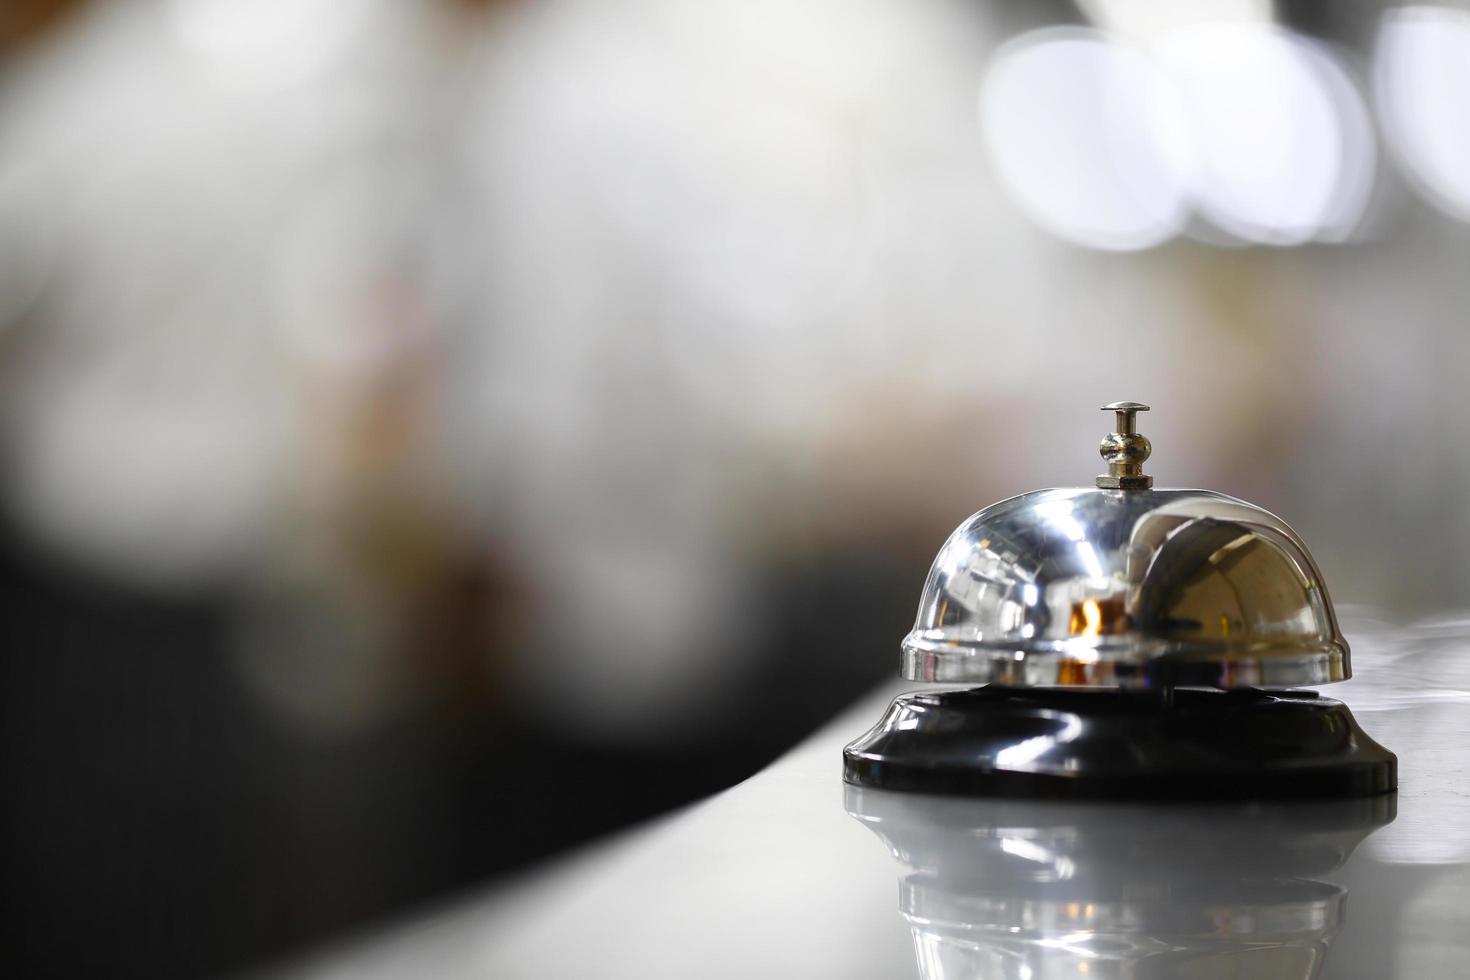 campana de servicio en superficie metálica foto